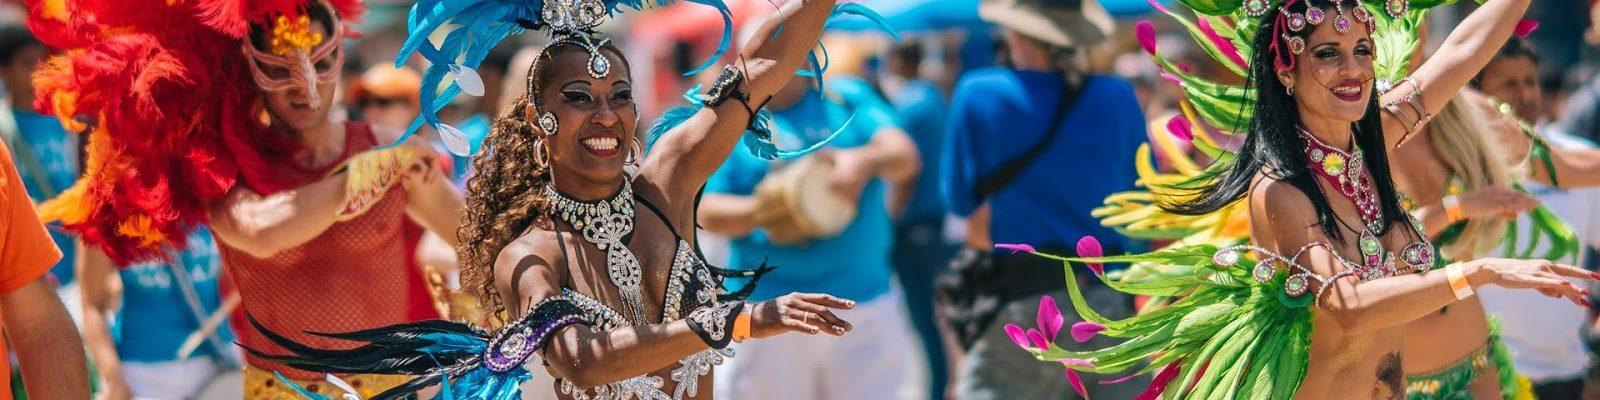 samba dancers 1600x400 - Зарождение: бразильский танец самба.